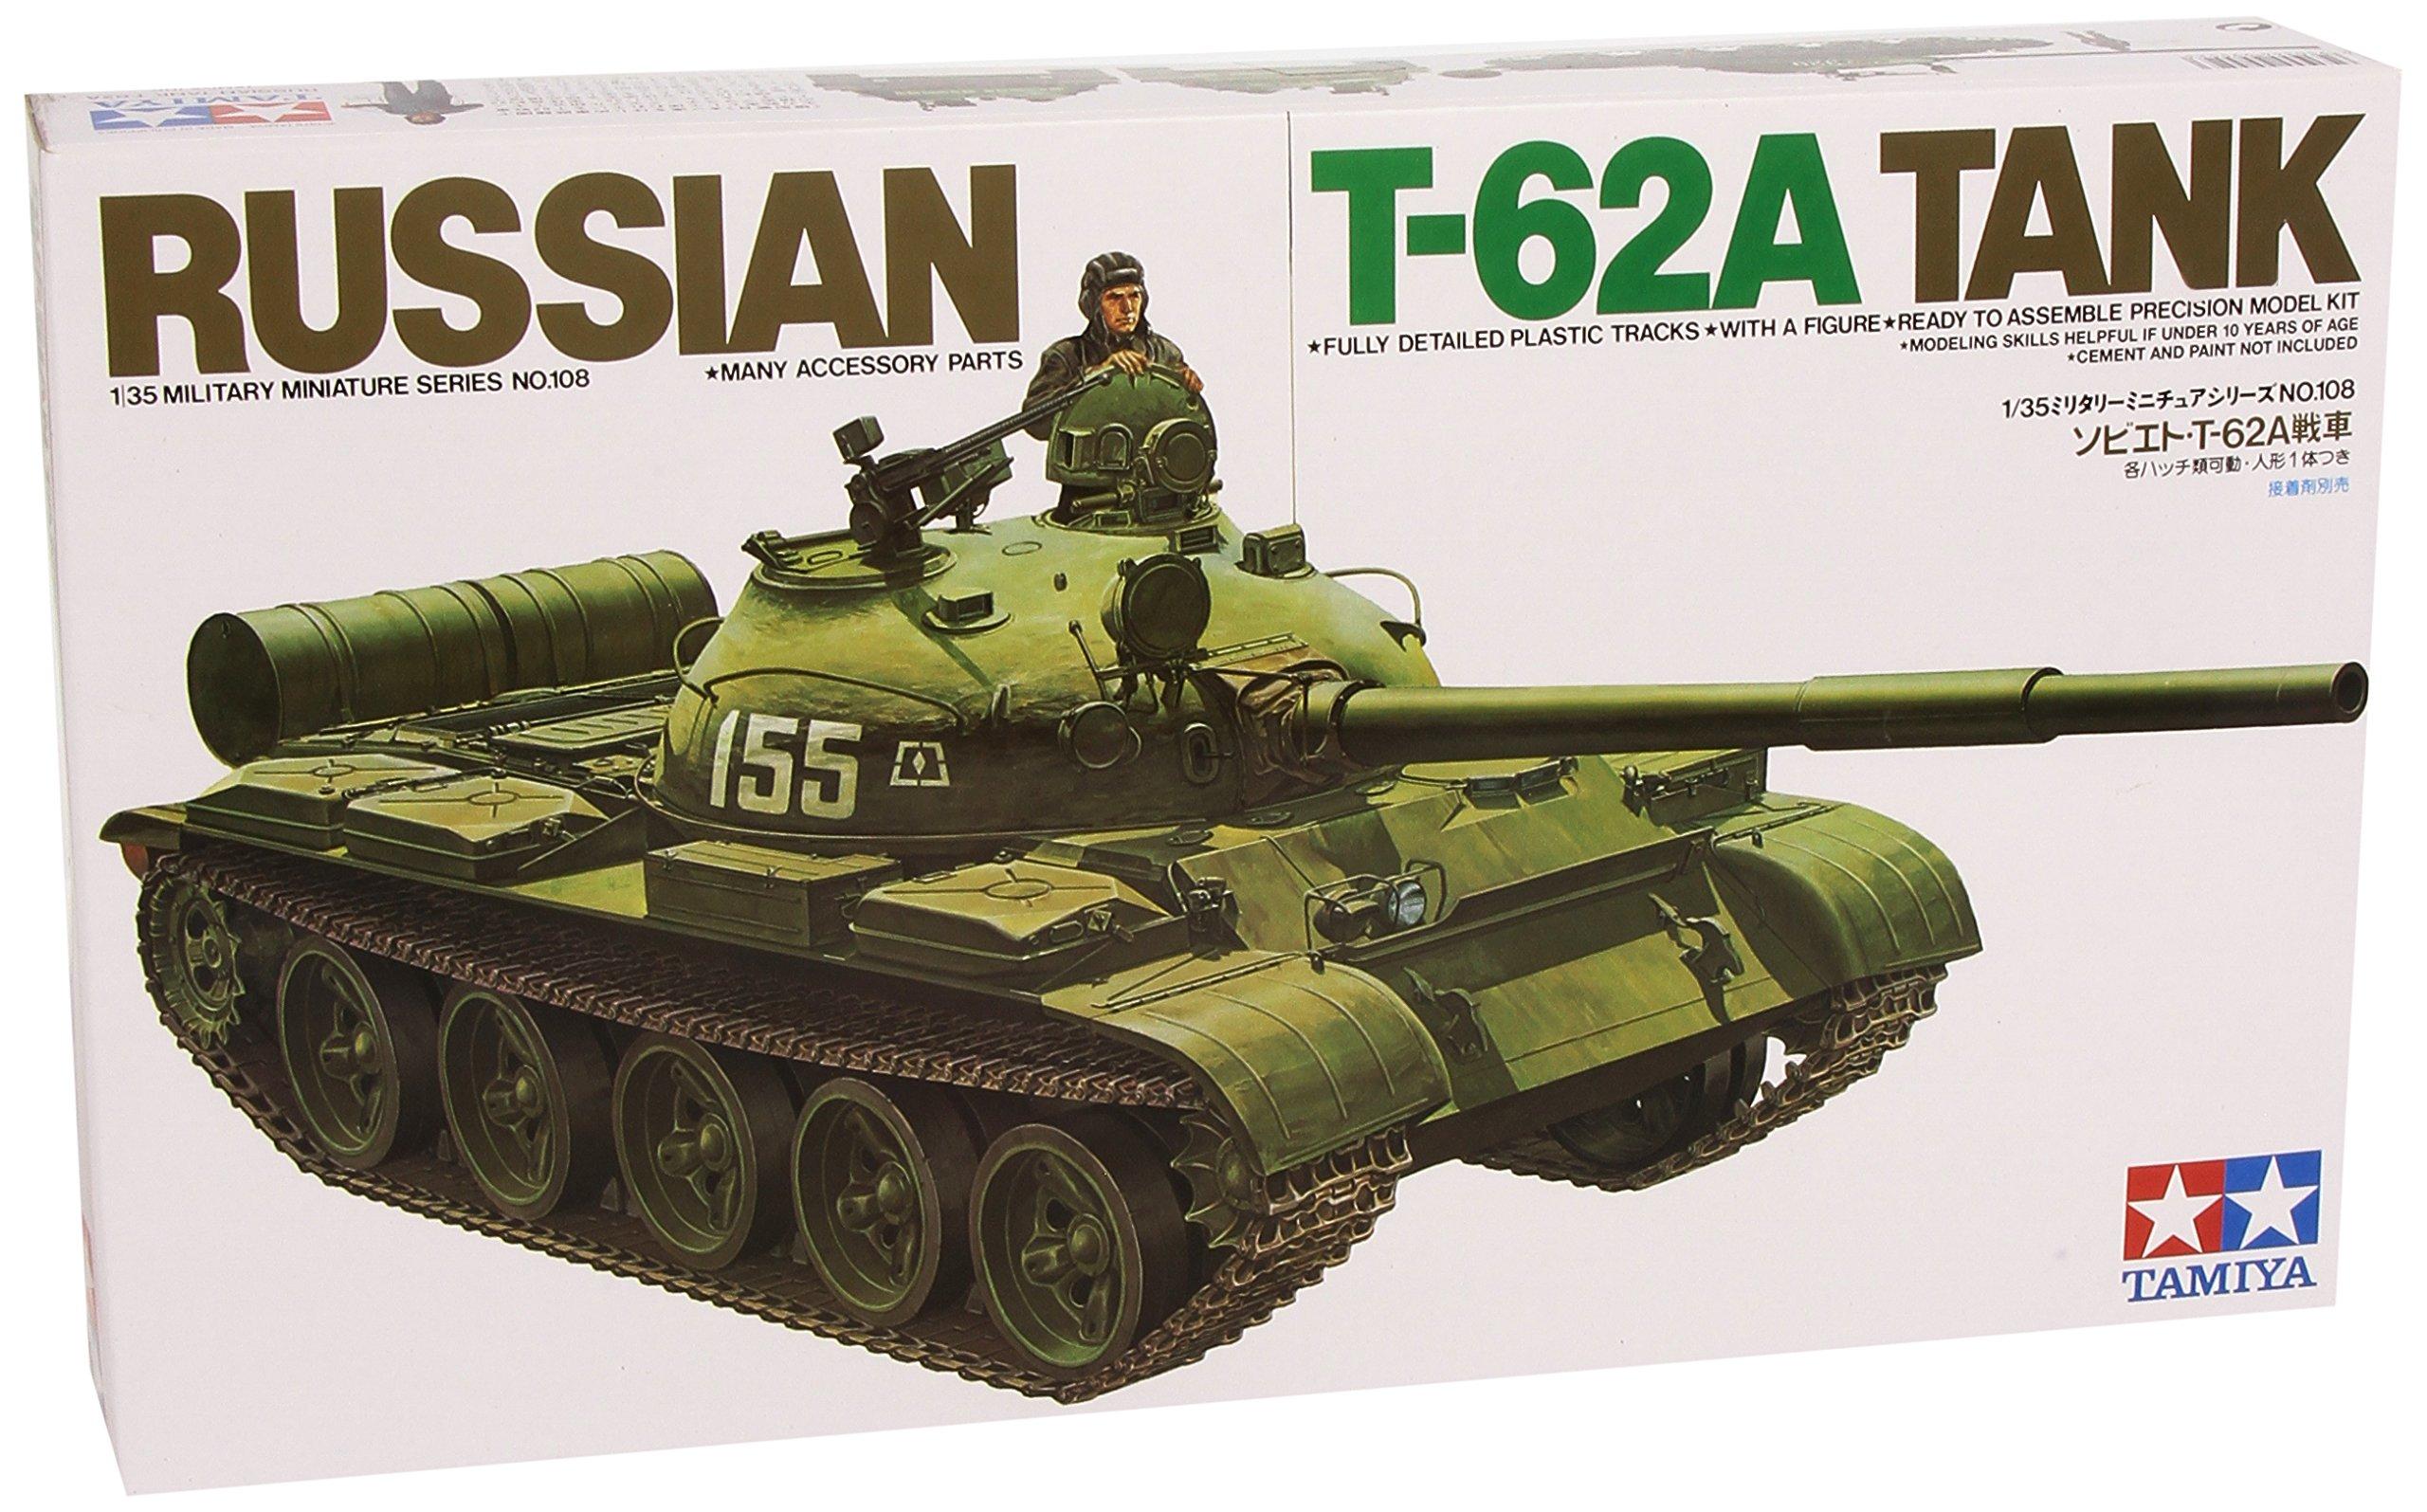 Tamiya - Russian T-62A Tank Tamiya, 1:35 (TAM35108) product image